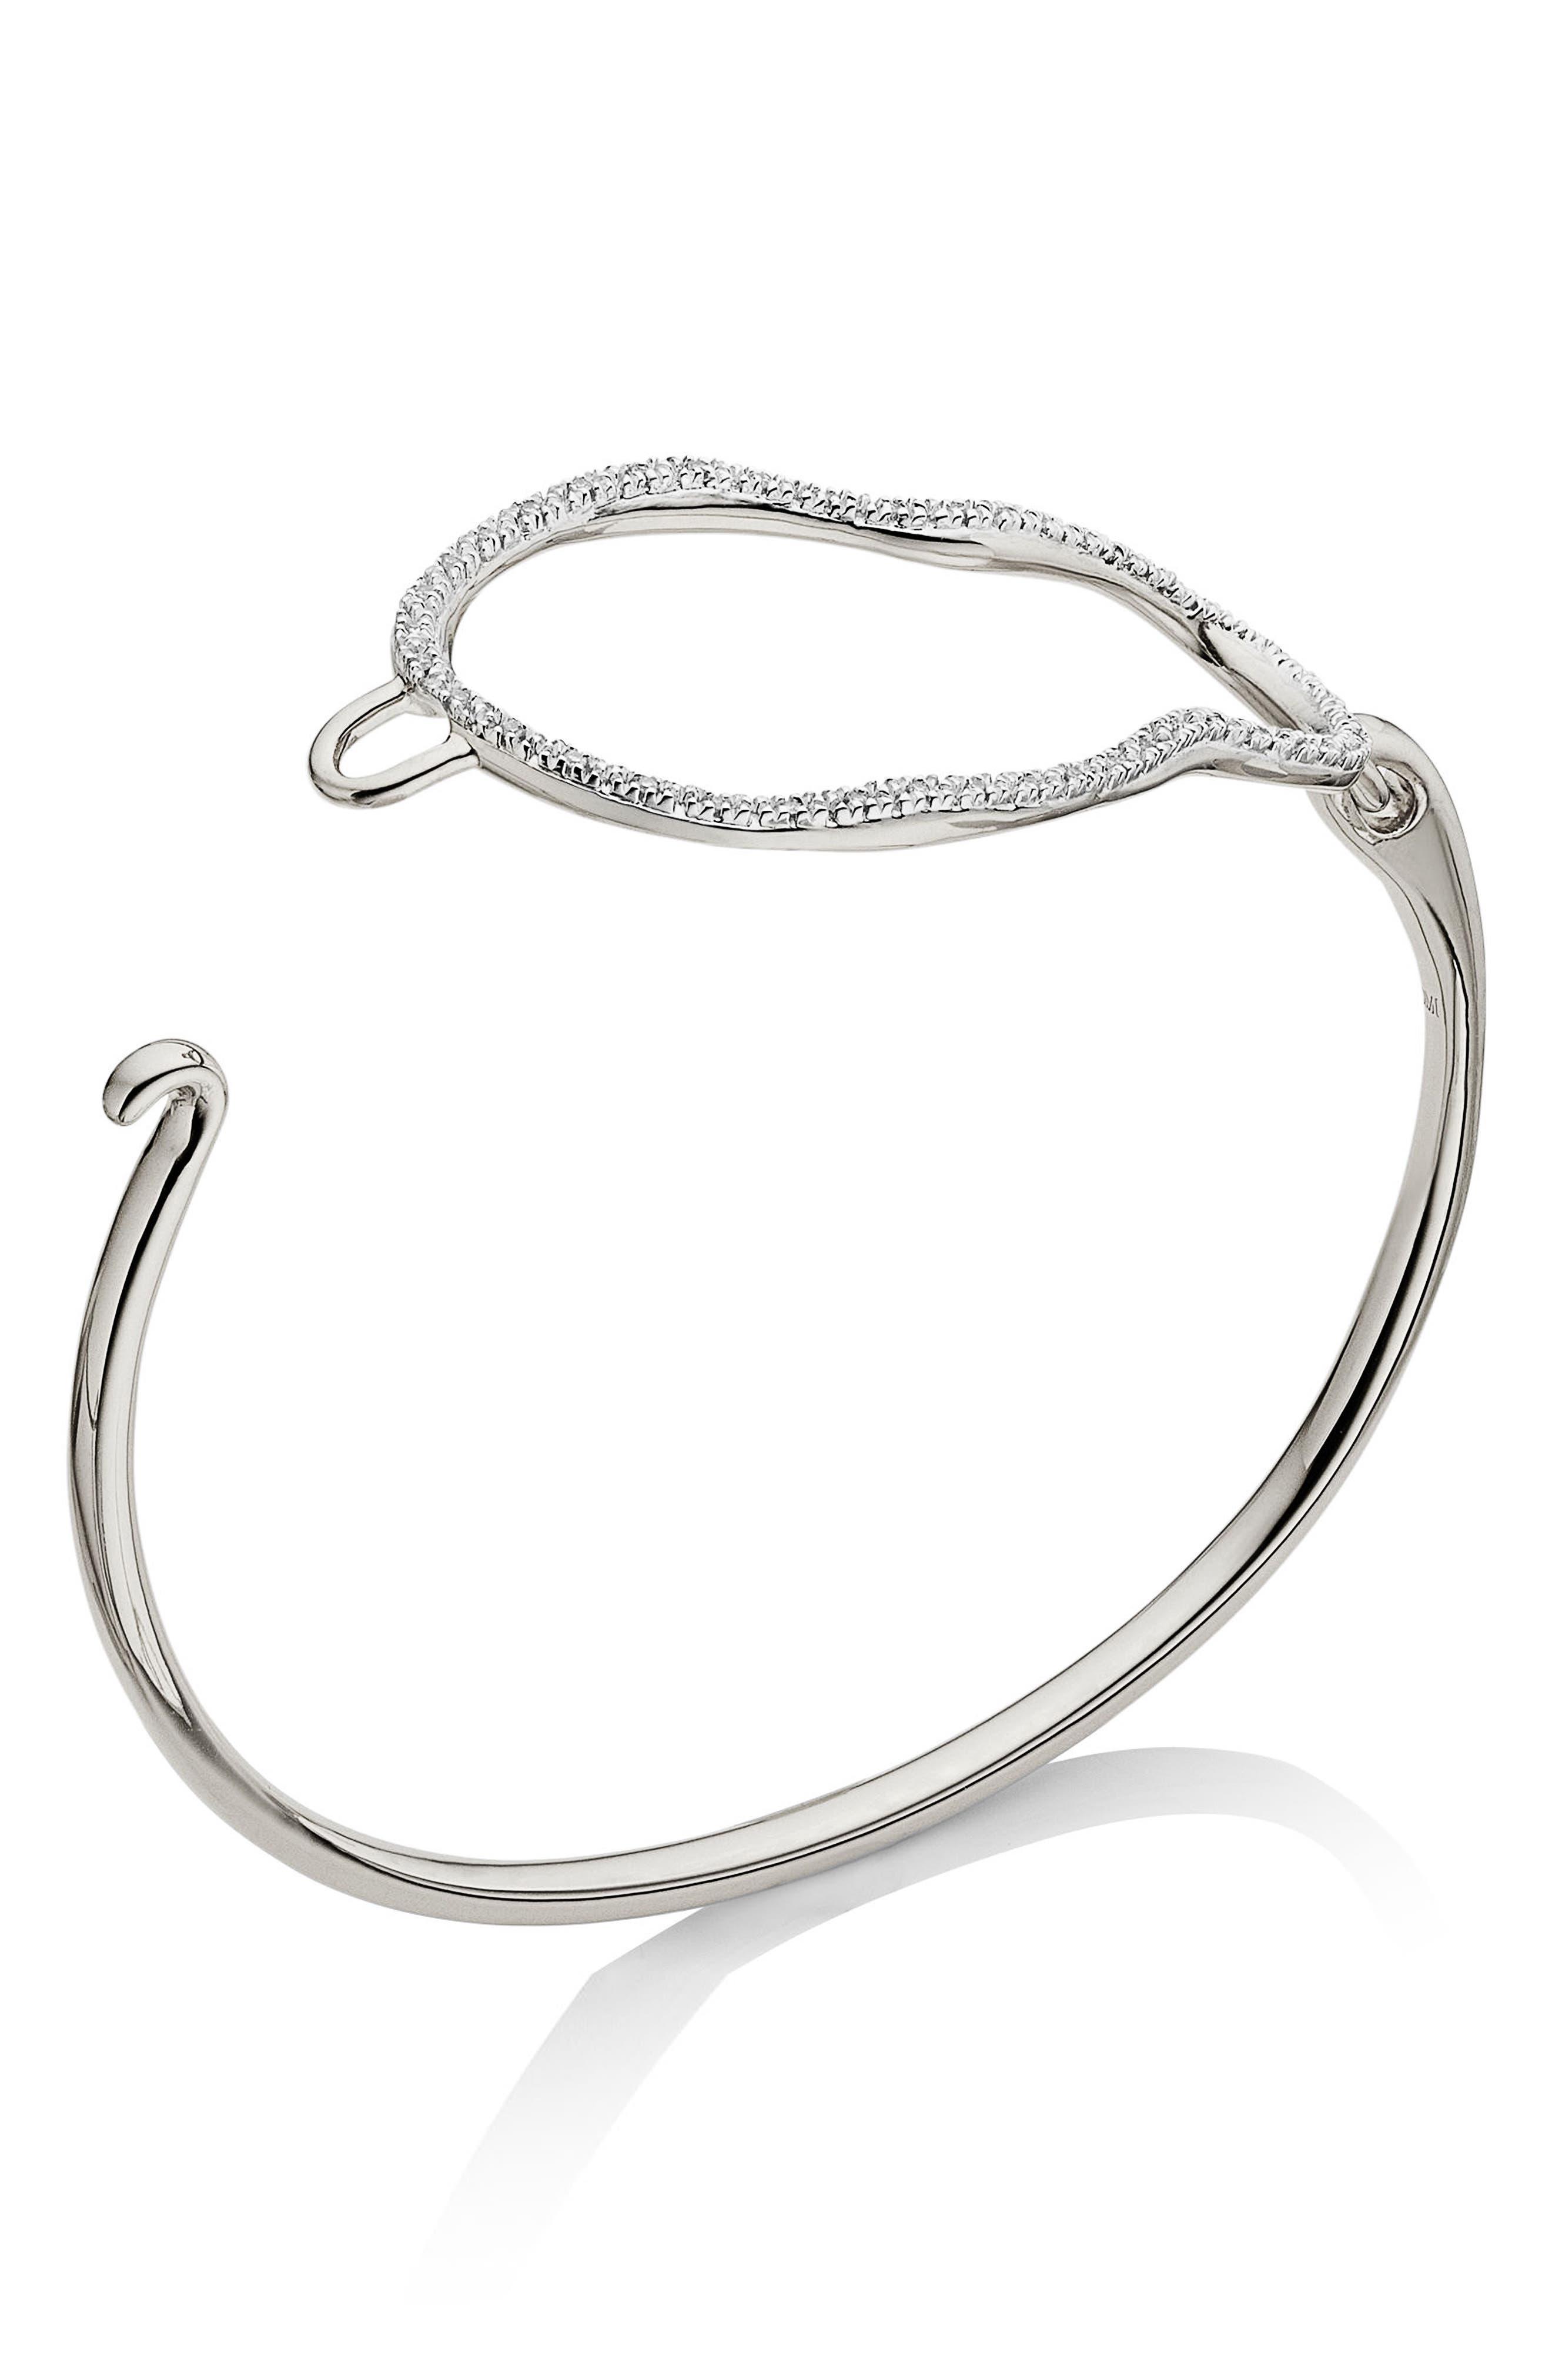 Riva Diamond Hook Bracelet,                             Main thumbnail 1, color,                             SILVER/ DIAMOND